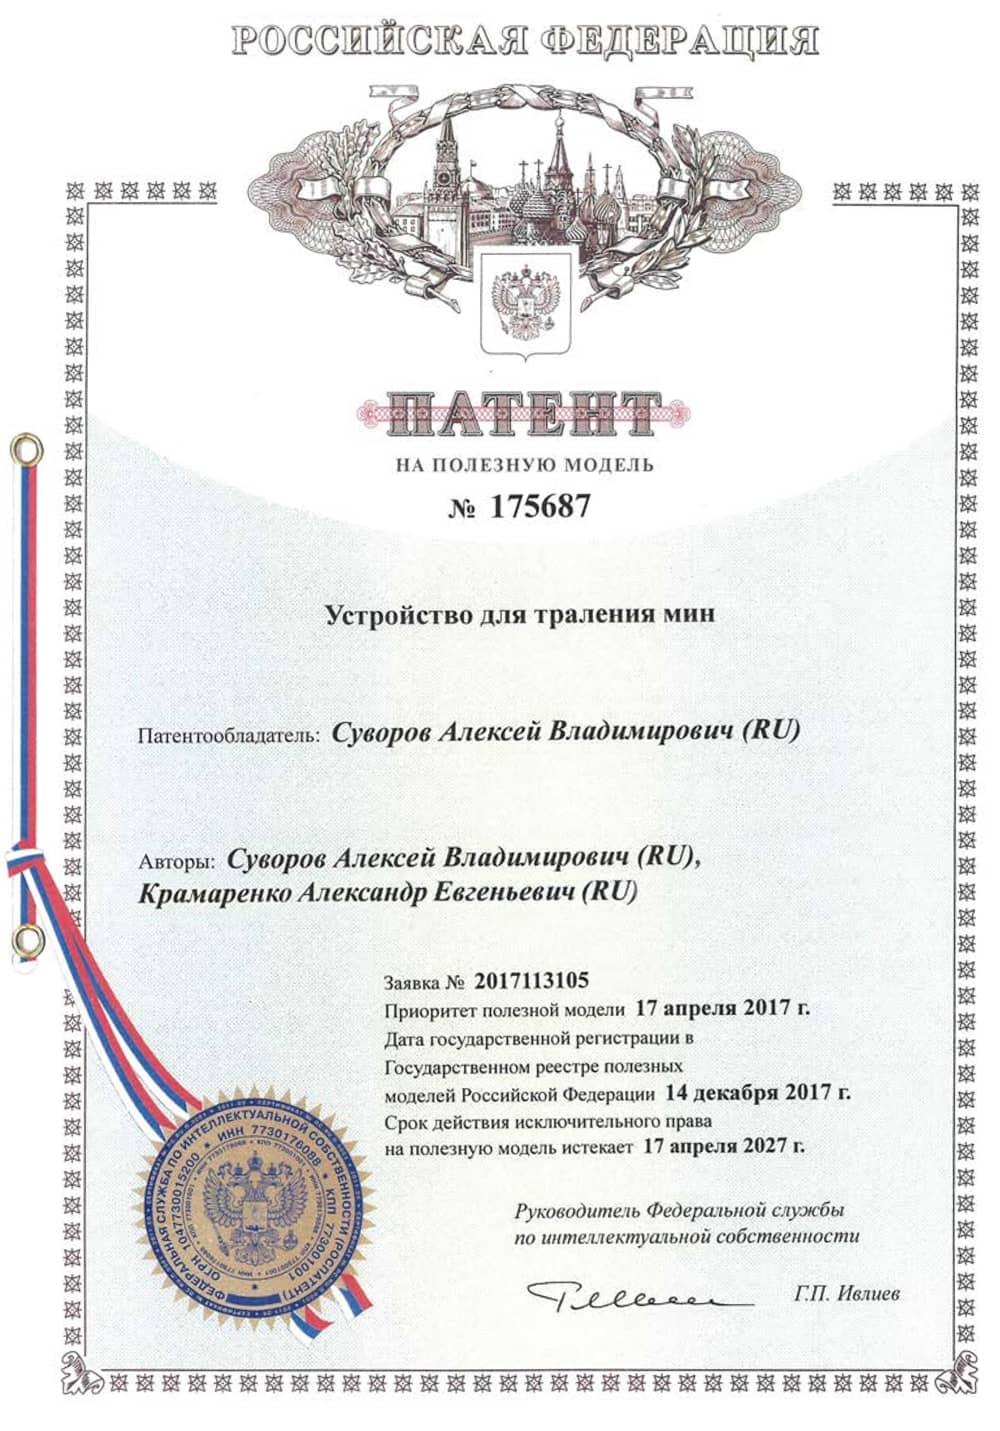 Кошка саперная универсальная КСУ-17Э/1